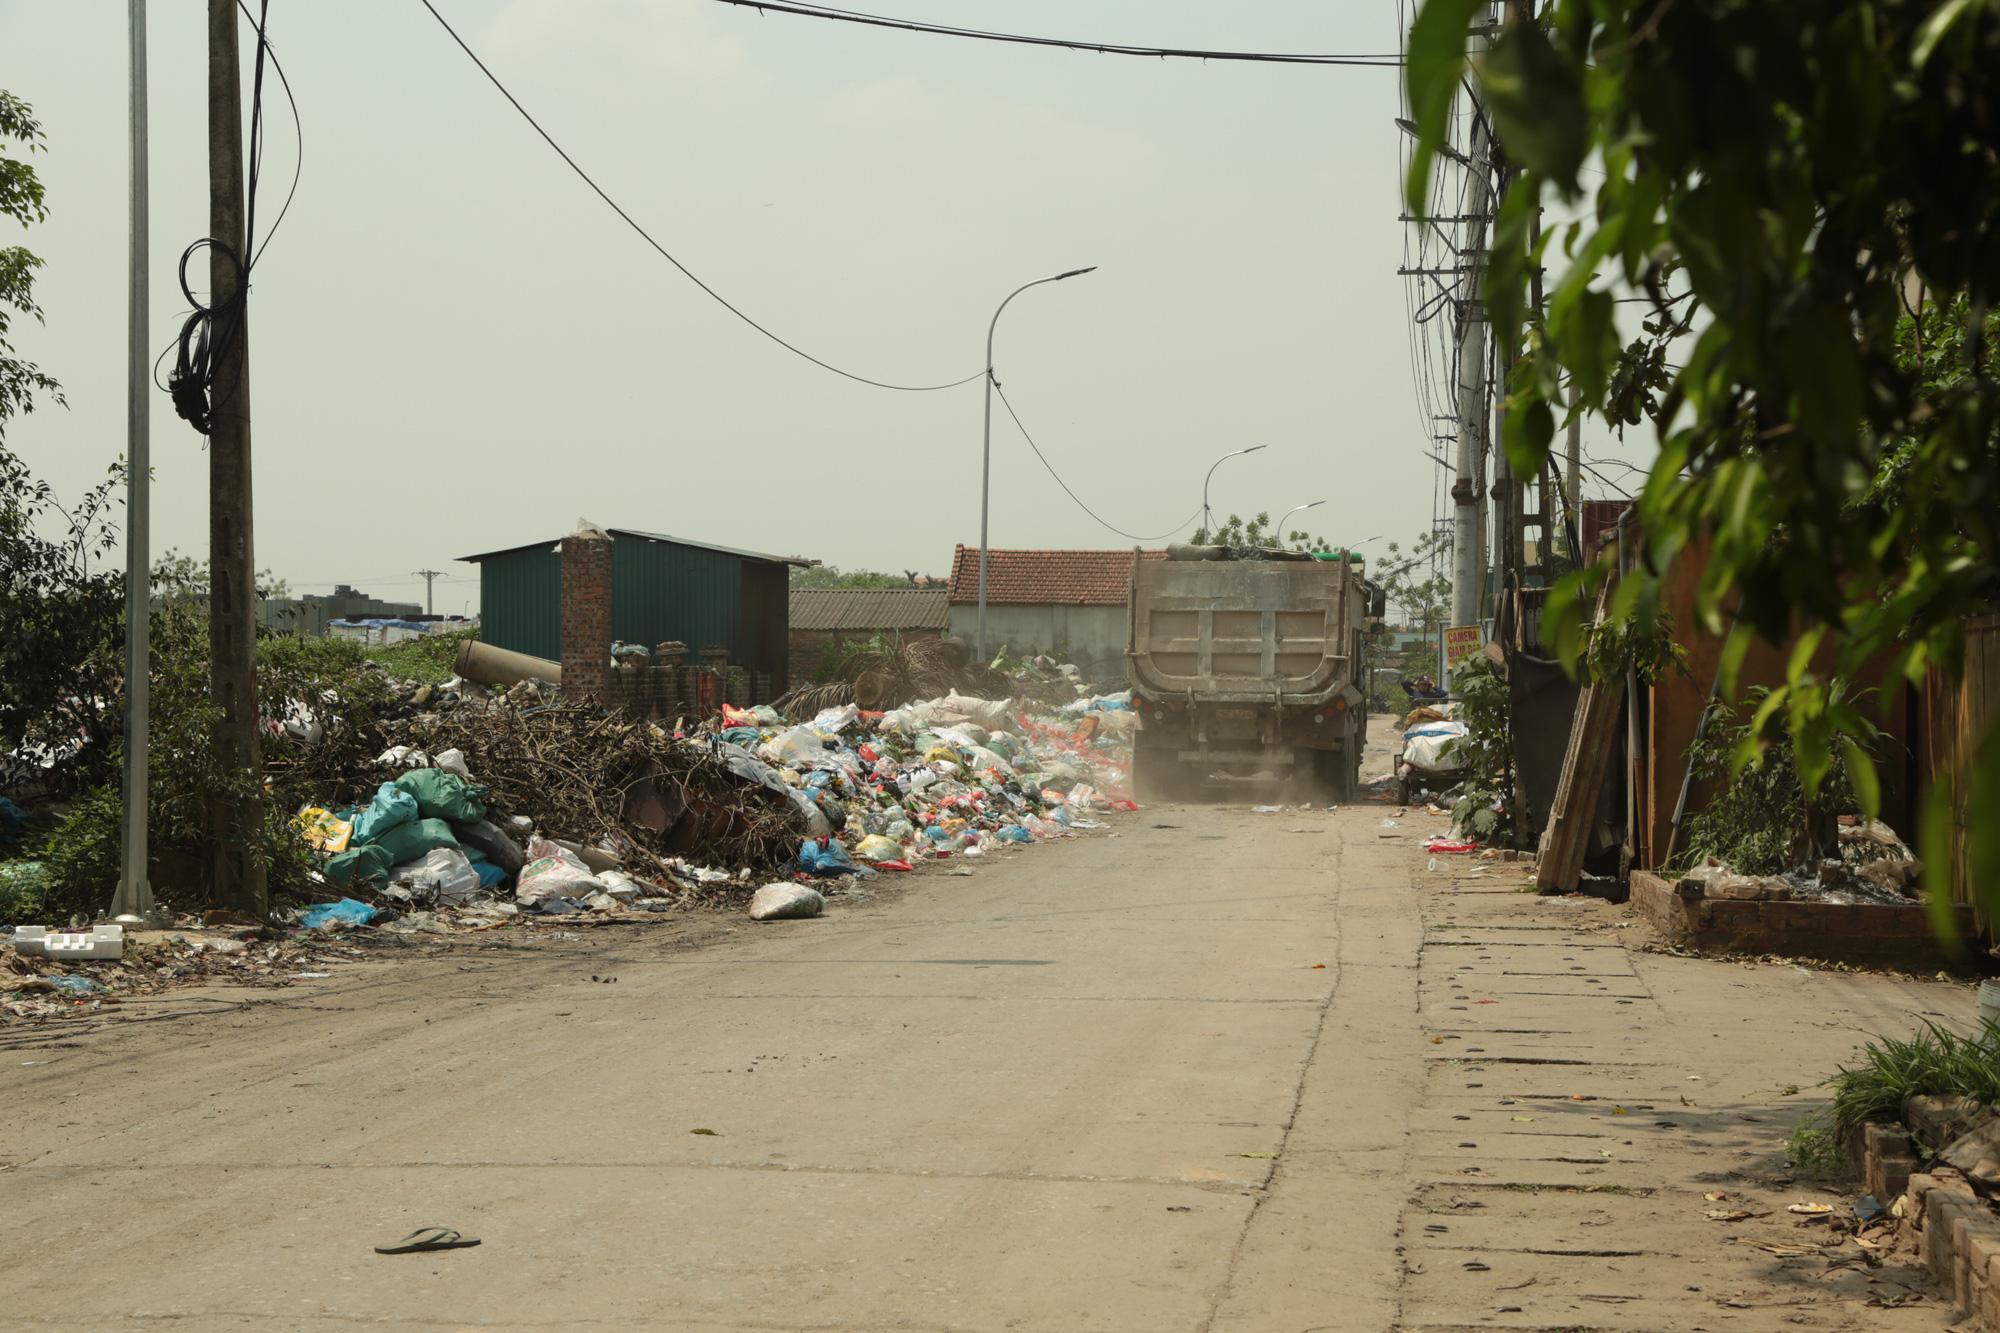 Cận cảnh tình trạng ô nhiễm khủng khiếp tại Hoài Đức, Hà Nội - Ảnh 3.